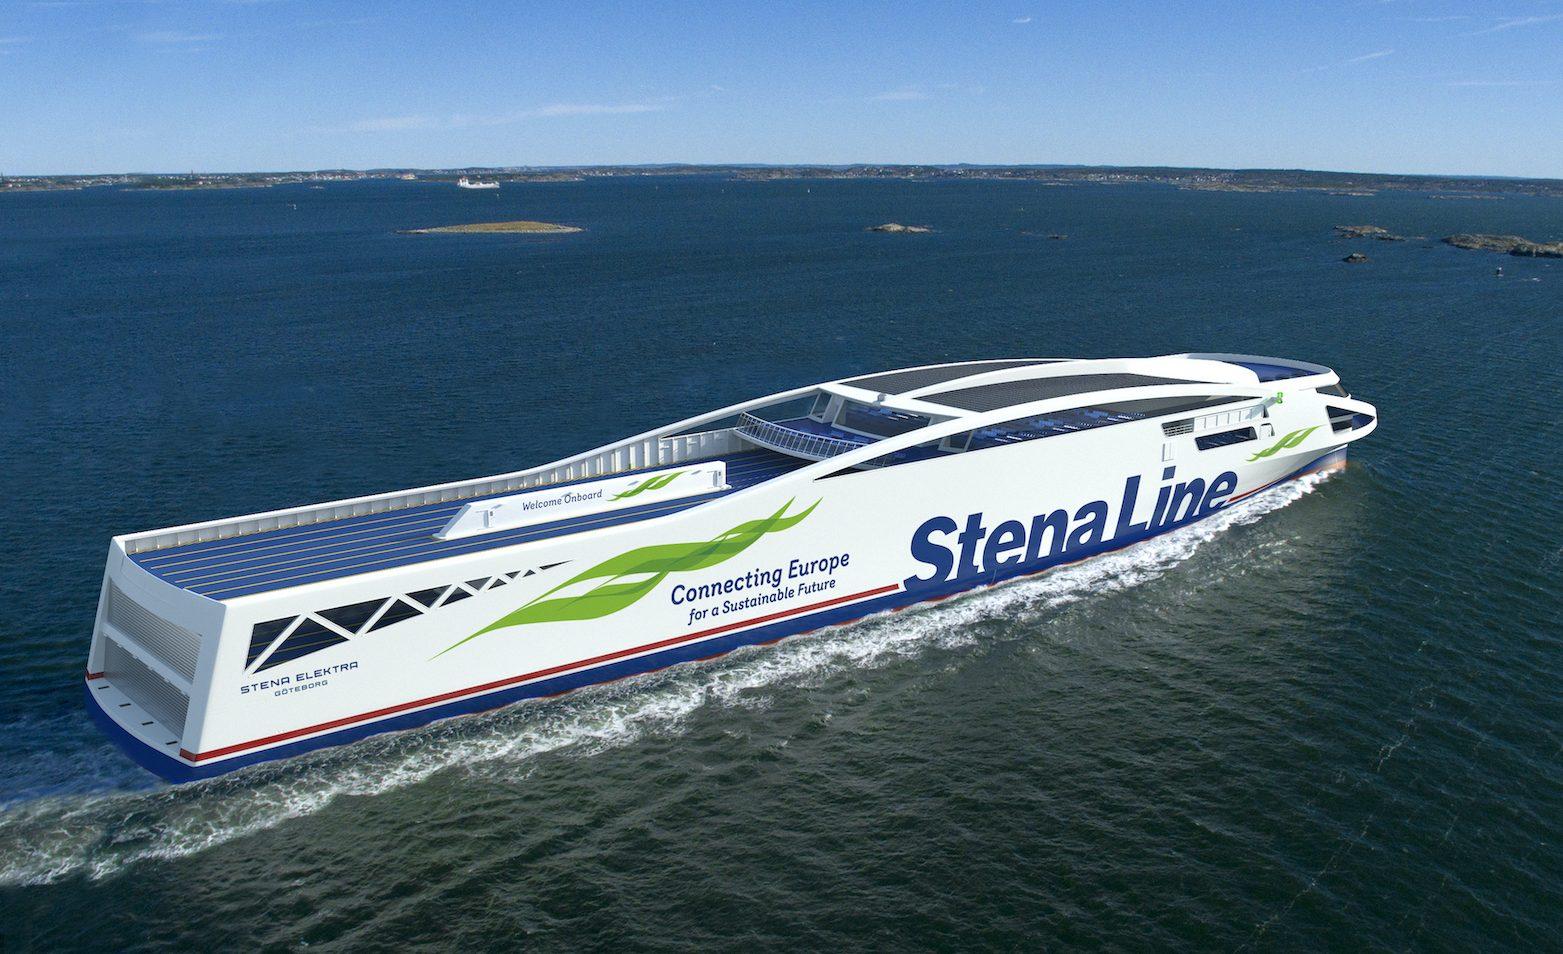 Stena Elektra bliver ifølge Stena Line verdens første fossilfrie RoPax-fartøj i sin størrelse. Skibet bliver omkring 200 meter langt og får passagerkapacitet på 1.000 samt 3.000 banemeter til for eksempel biler og lastbiler. PR-illustration fra Stena Line.